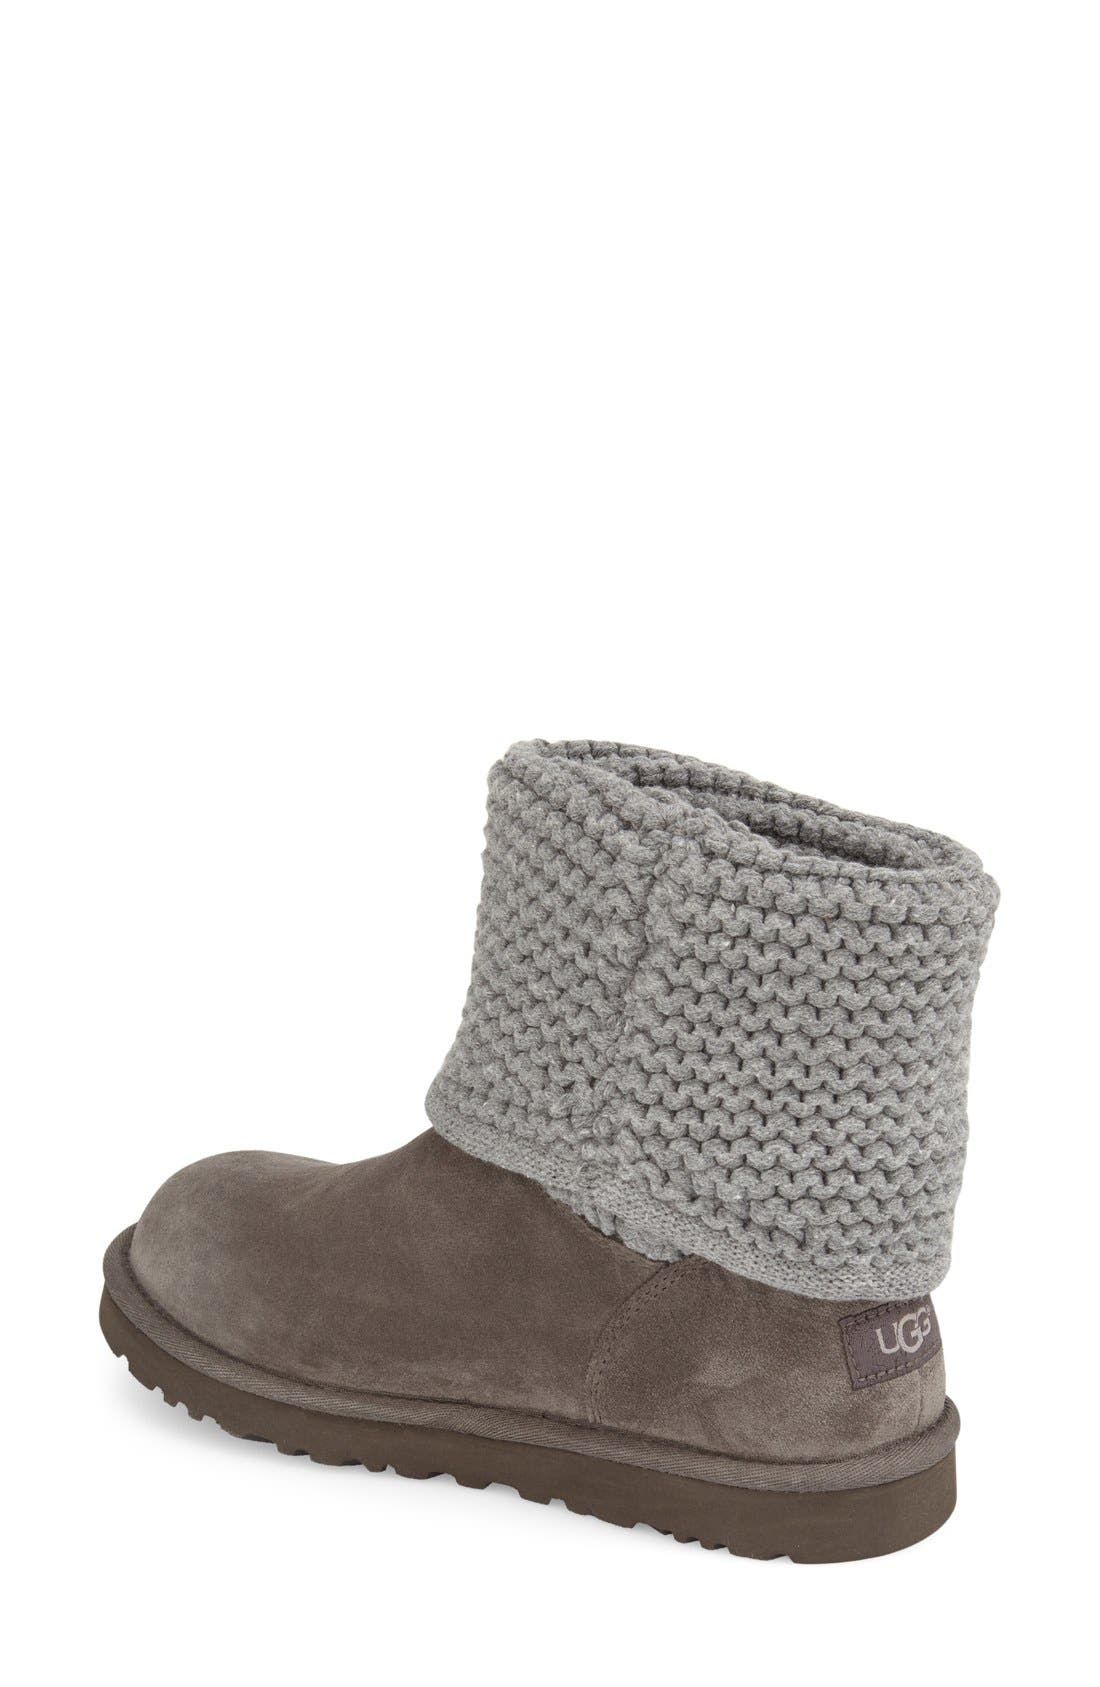 Alternate Image 2  - UGG® Shaina Knit Cuff Bootie (Women)